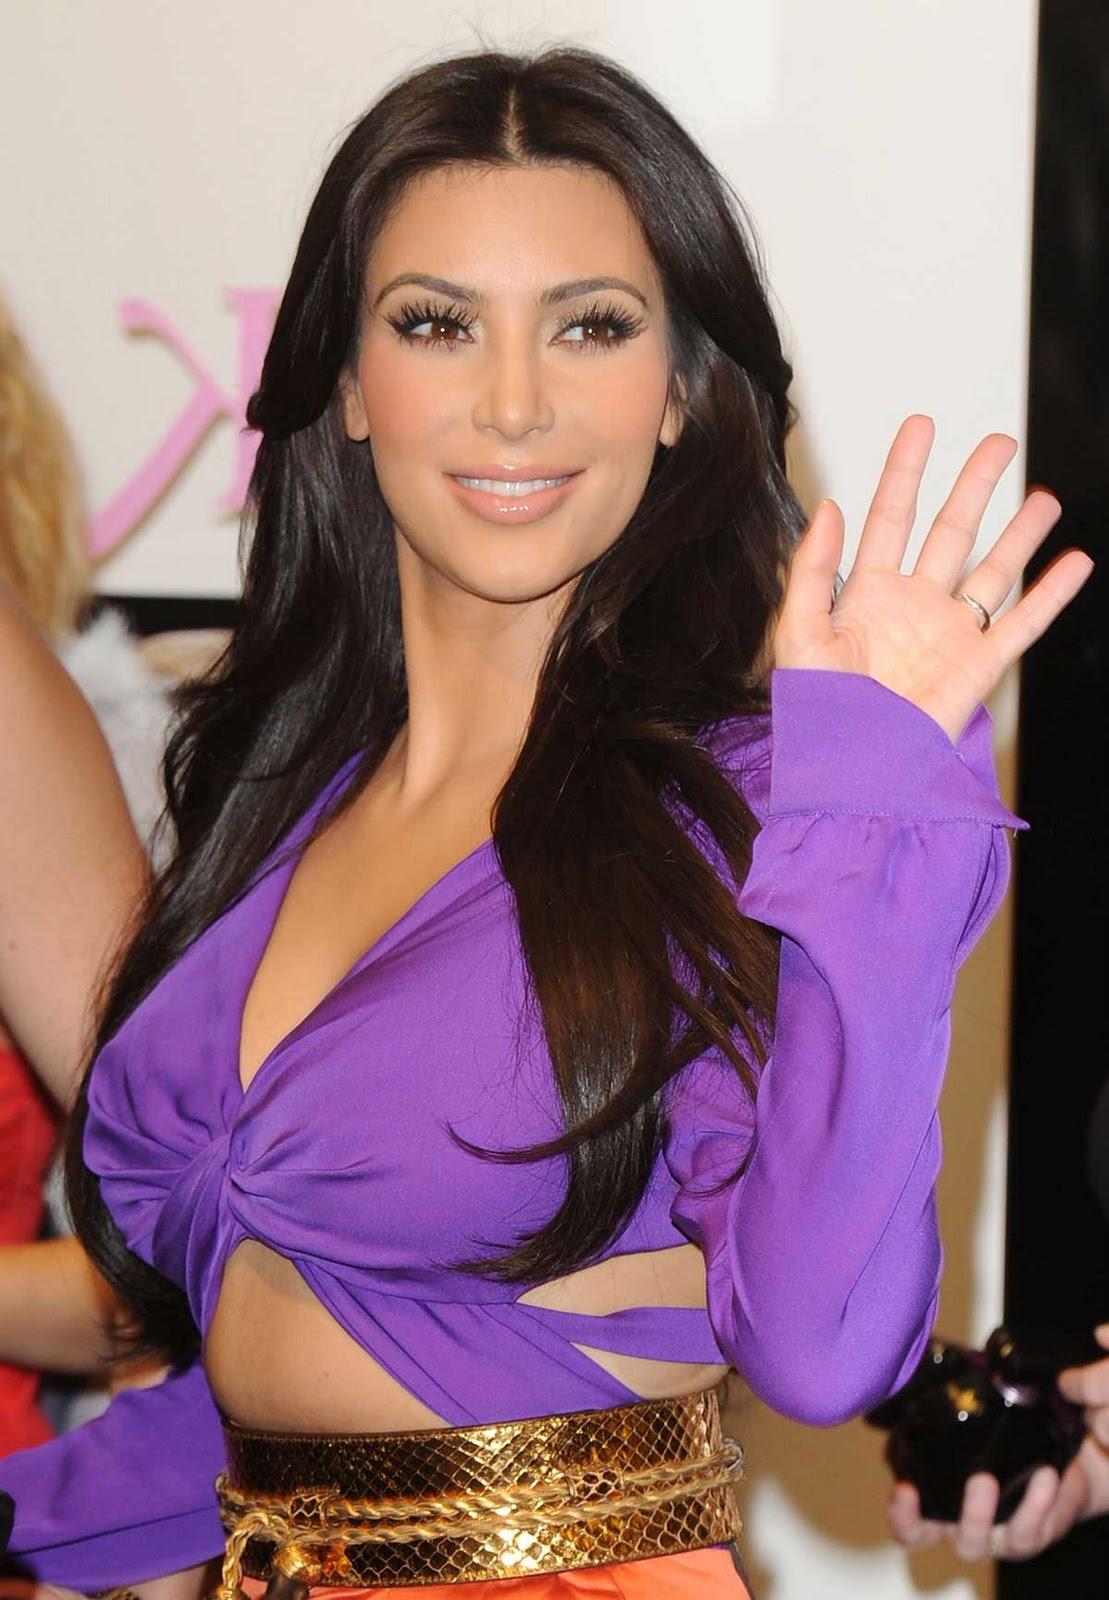 http://1.bp.blogspot.com/-rW_2h009R1Q/TuOAe6T74WI/AAAAAAAABBc/ddJVisZzzVY/s1600/kim_kardashian_purple_9.jpg